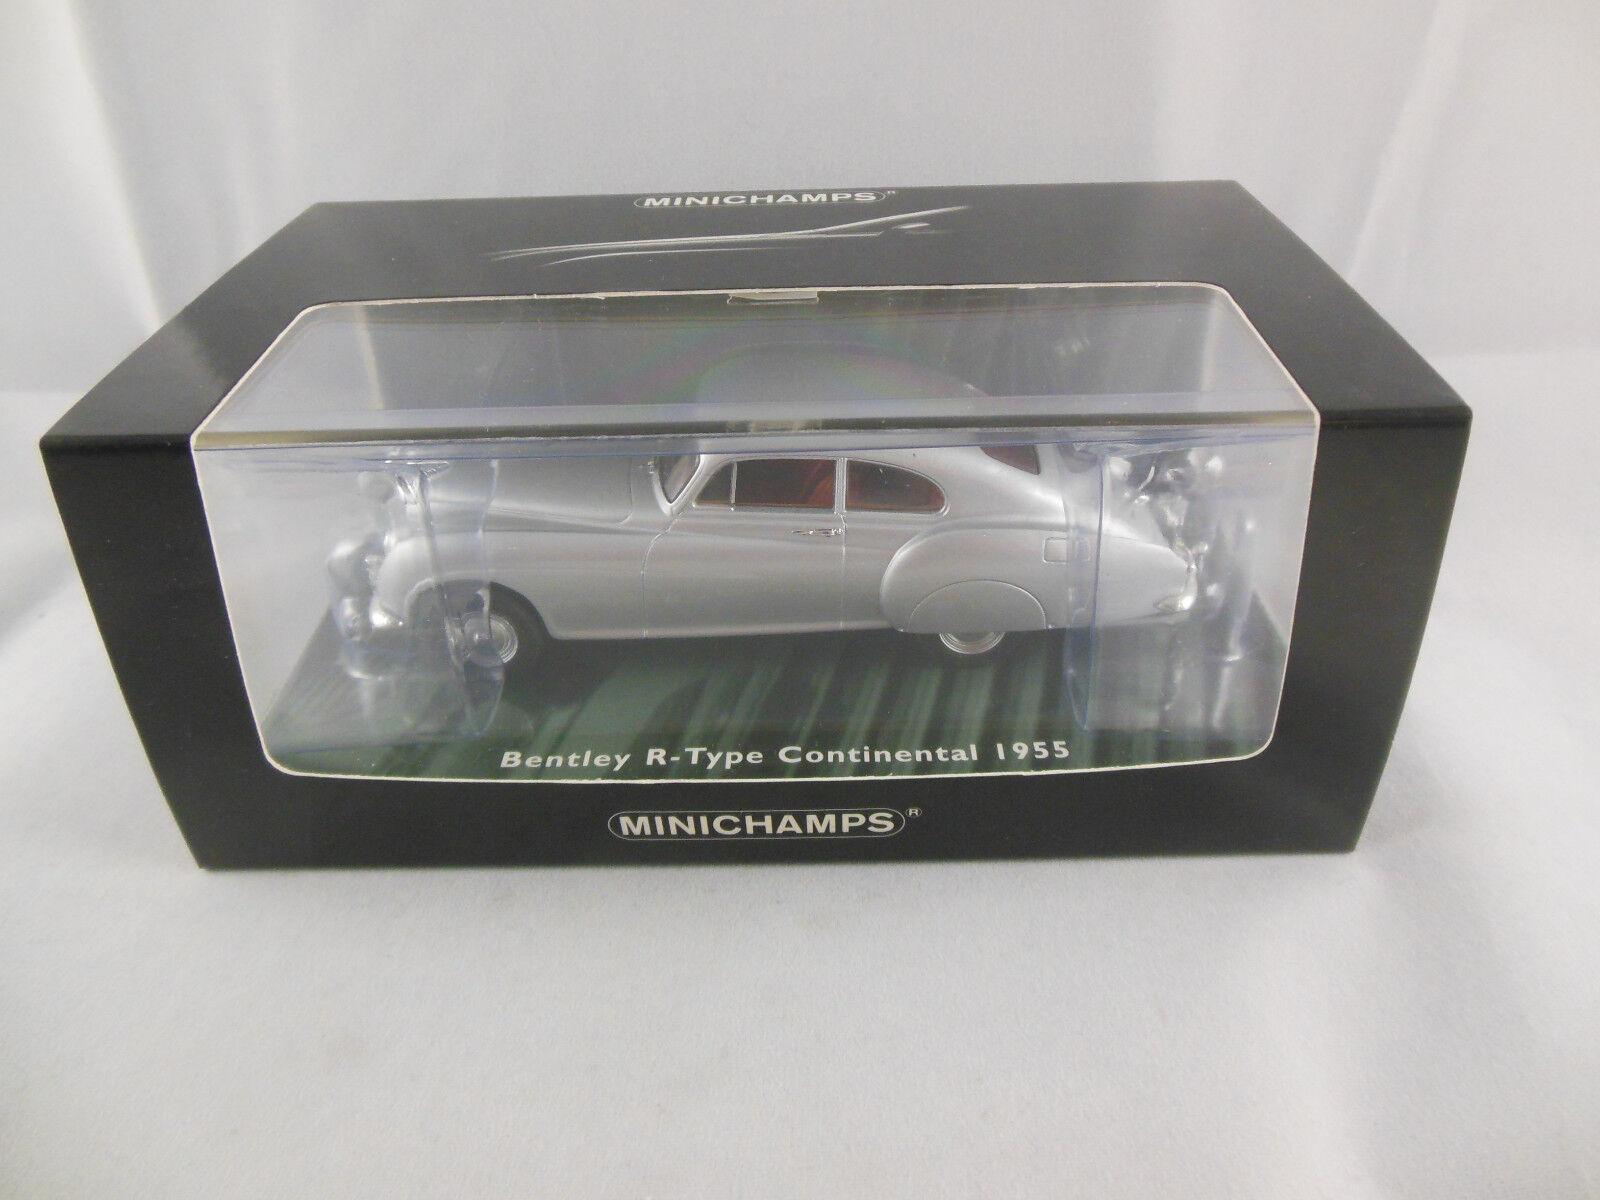 Minichamps 436 139421 1955 Tipo R Bentley Continental en Plata Ltd Ed 1 de 2208